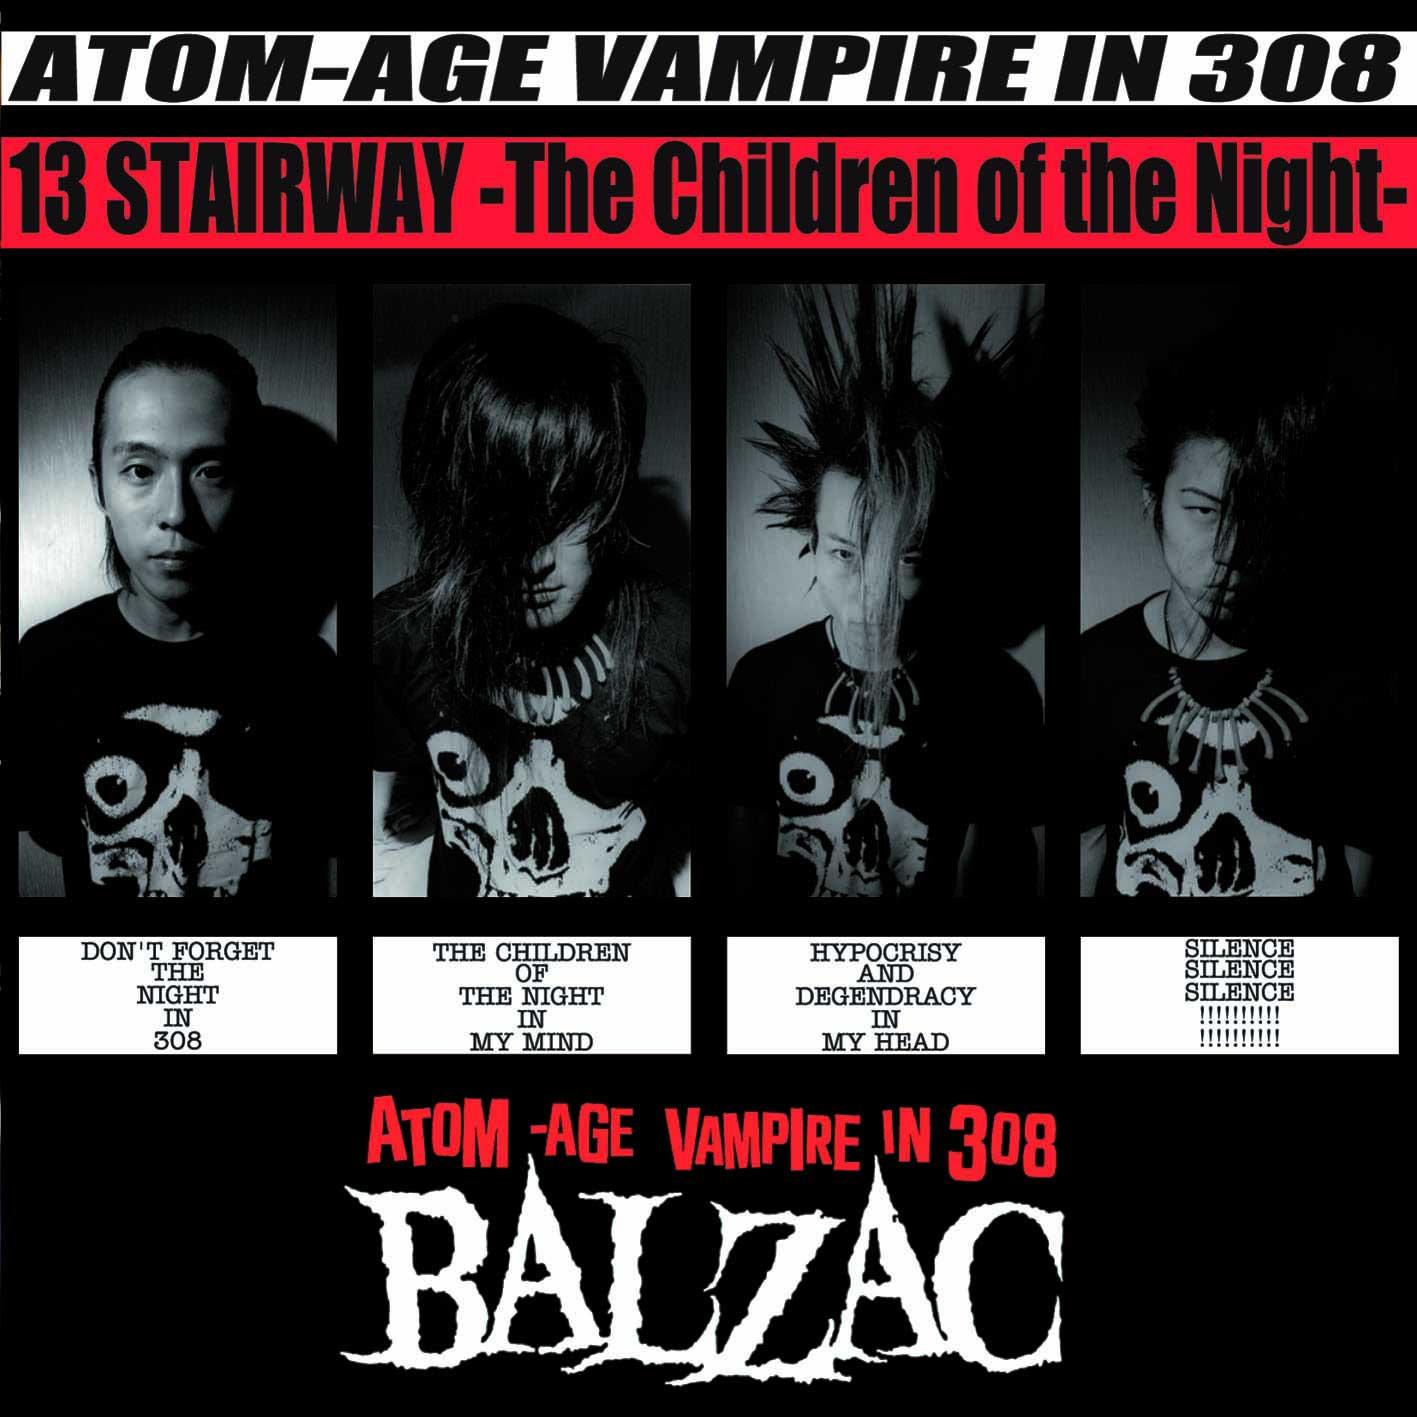 BALZAC / 13 STAIRWAY 20TH ANNIVERSARY EDITION